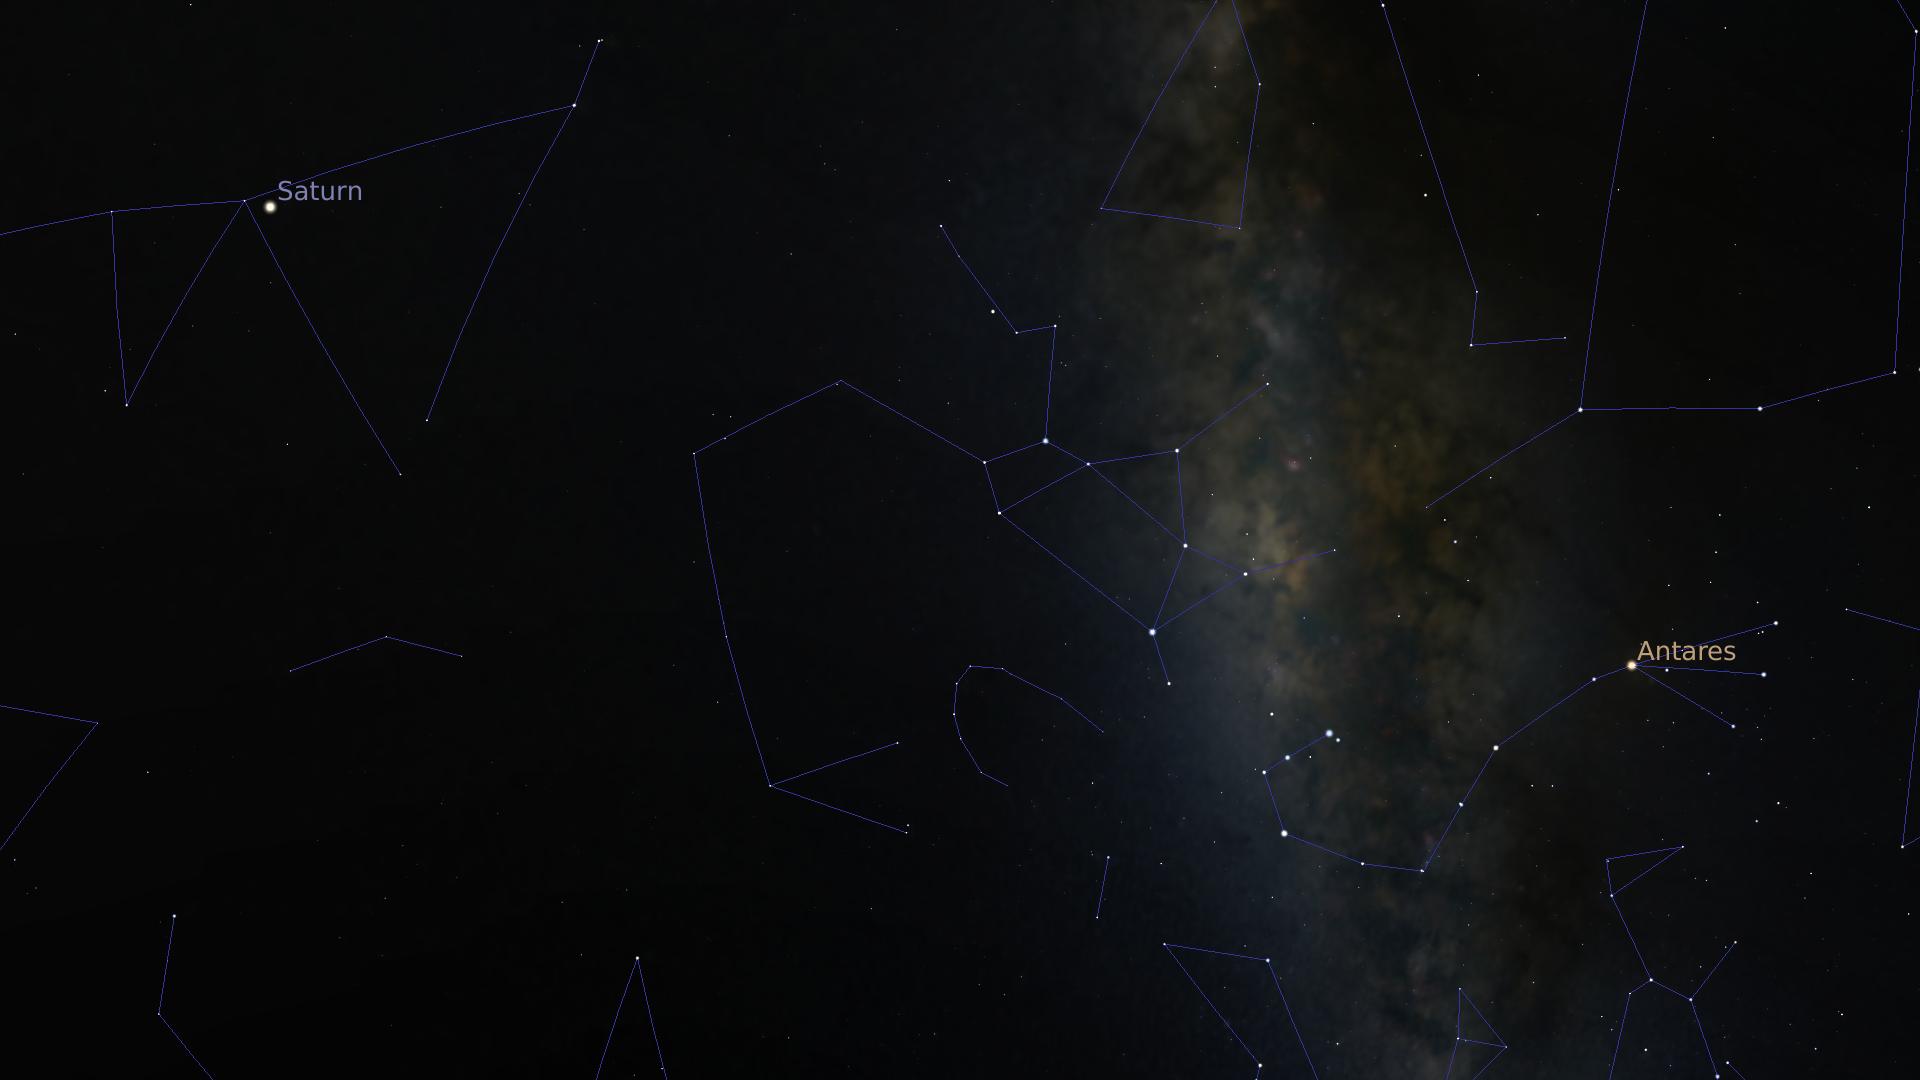 Une capture d'écran dans Stellarium. On y voit un bout de Voie Lactée, Antarès et Saturne.